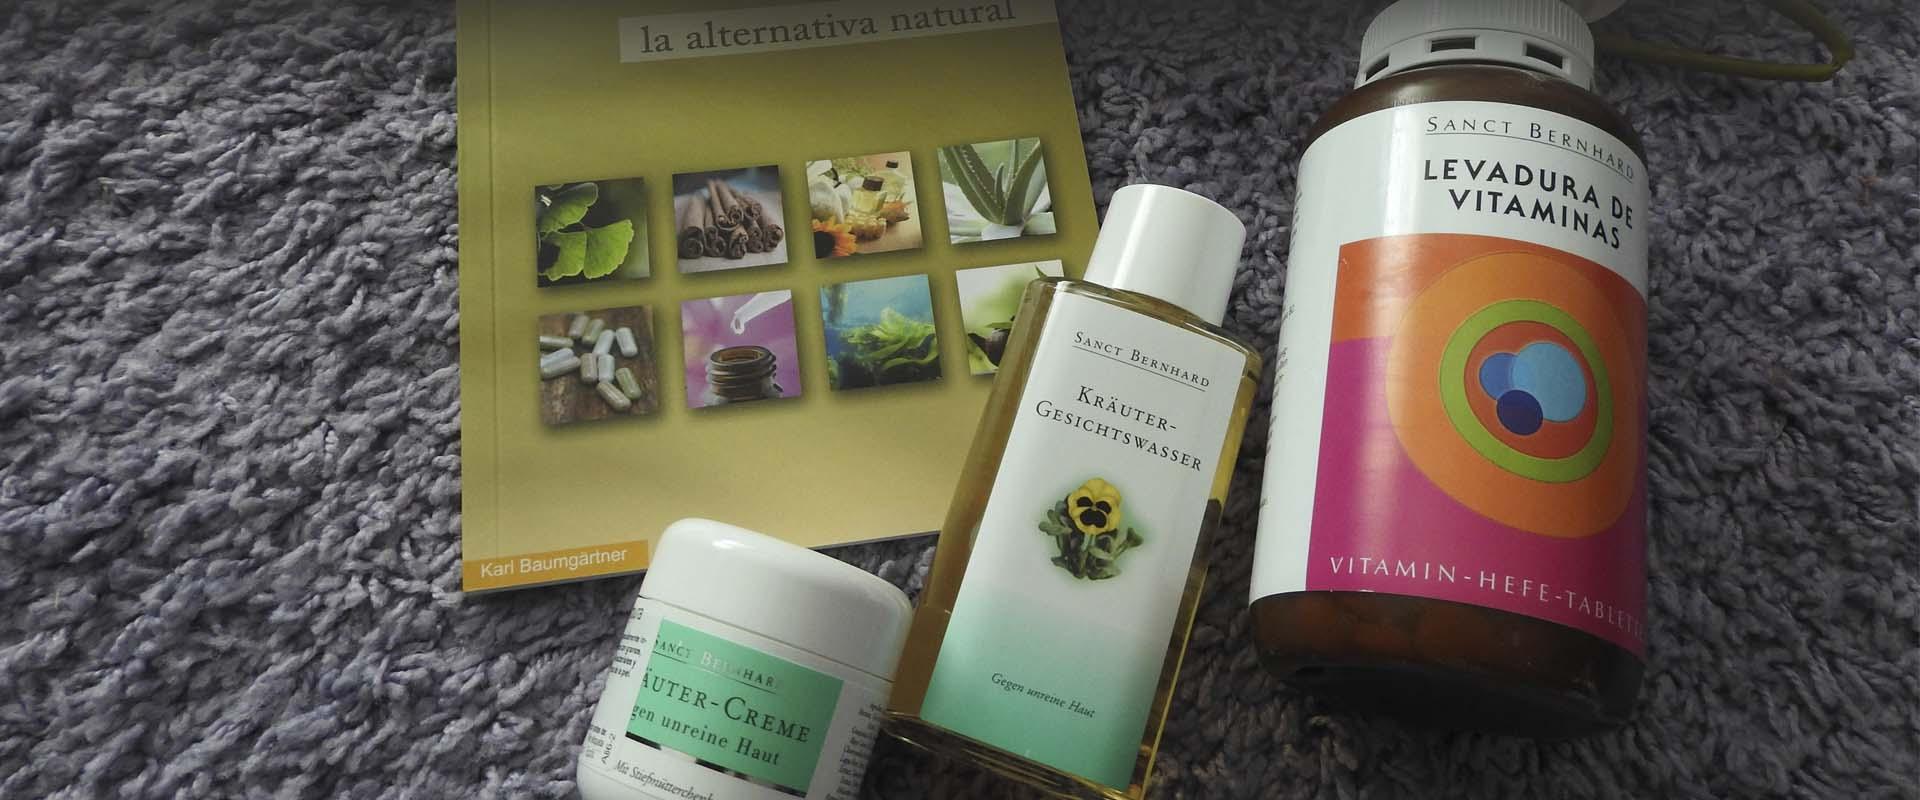 remedios naturales acne portada